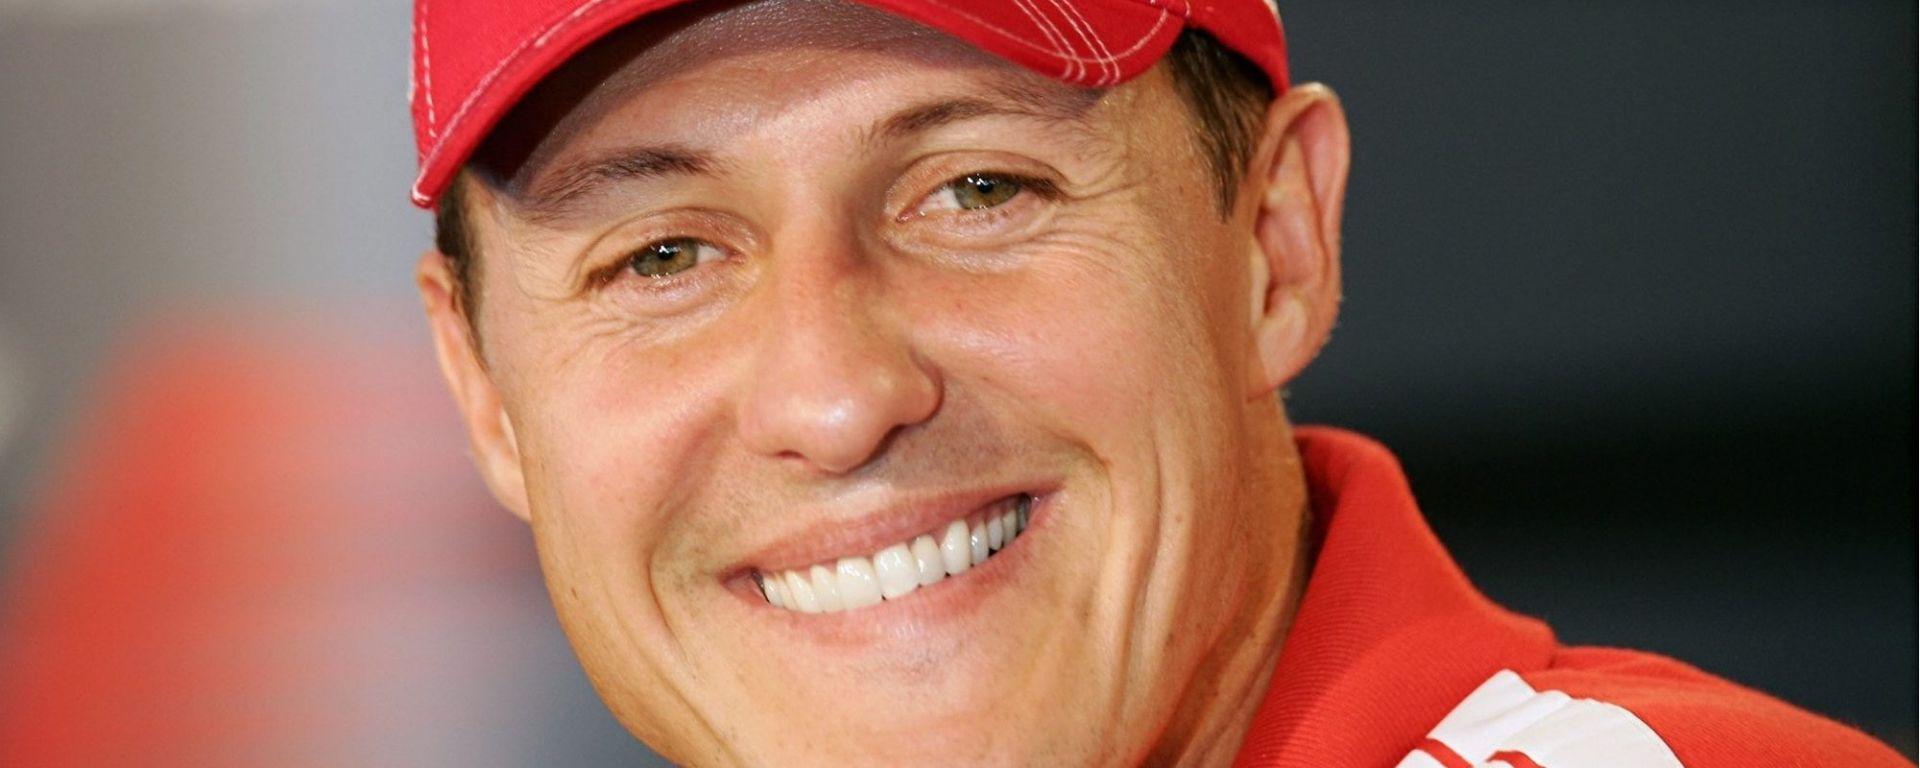 Schumacher sta meglio e non è più a letto, dice la stampa UK